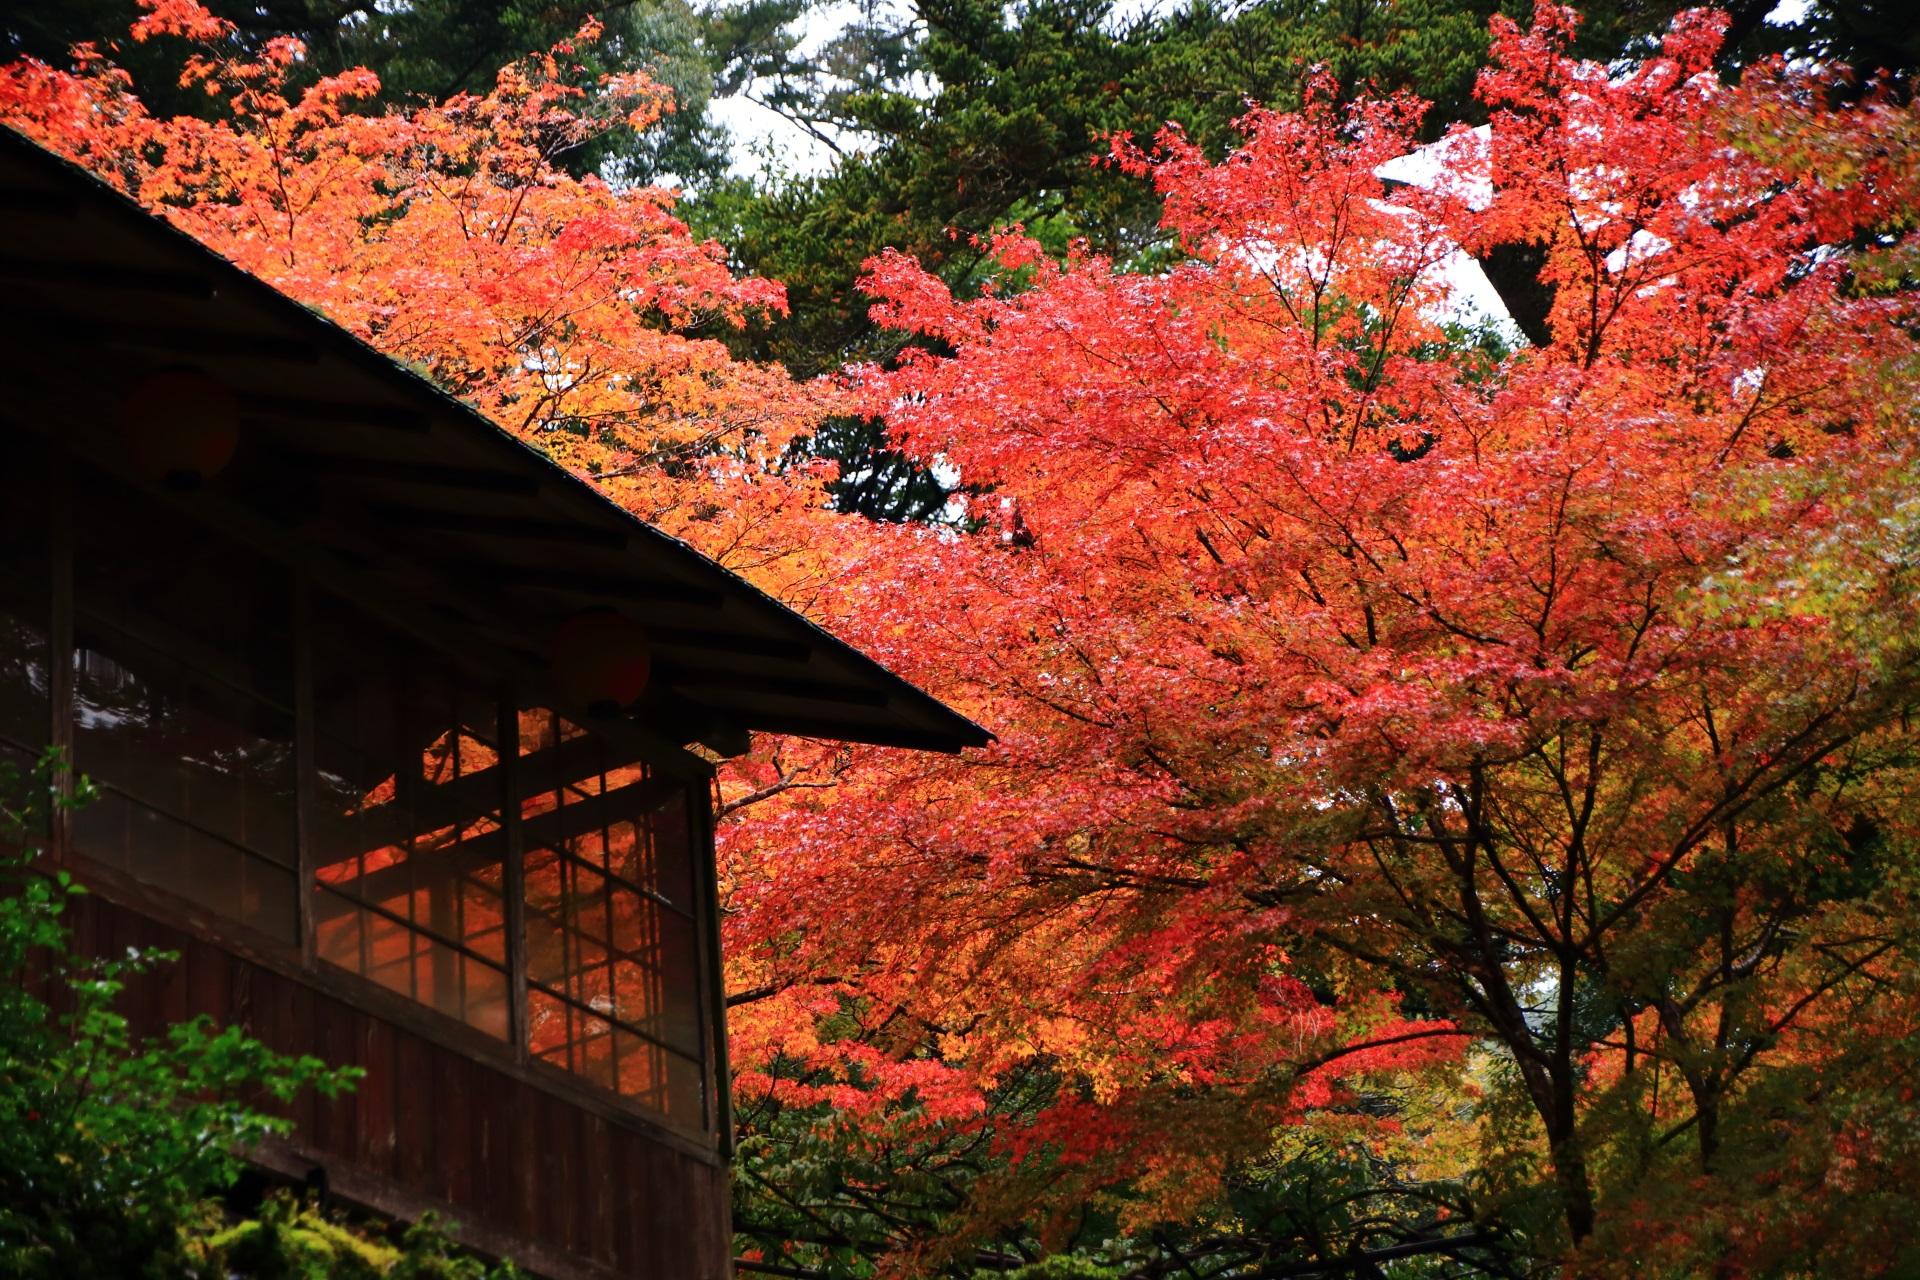 神護寺の長い参道脇のお店の溢れる華やかな紅葉